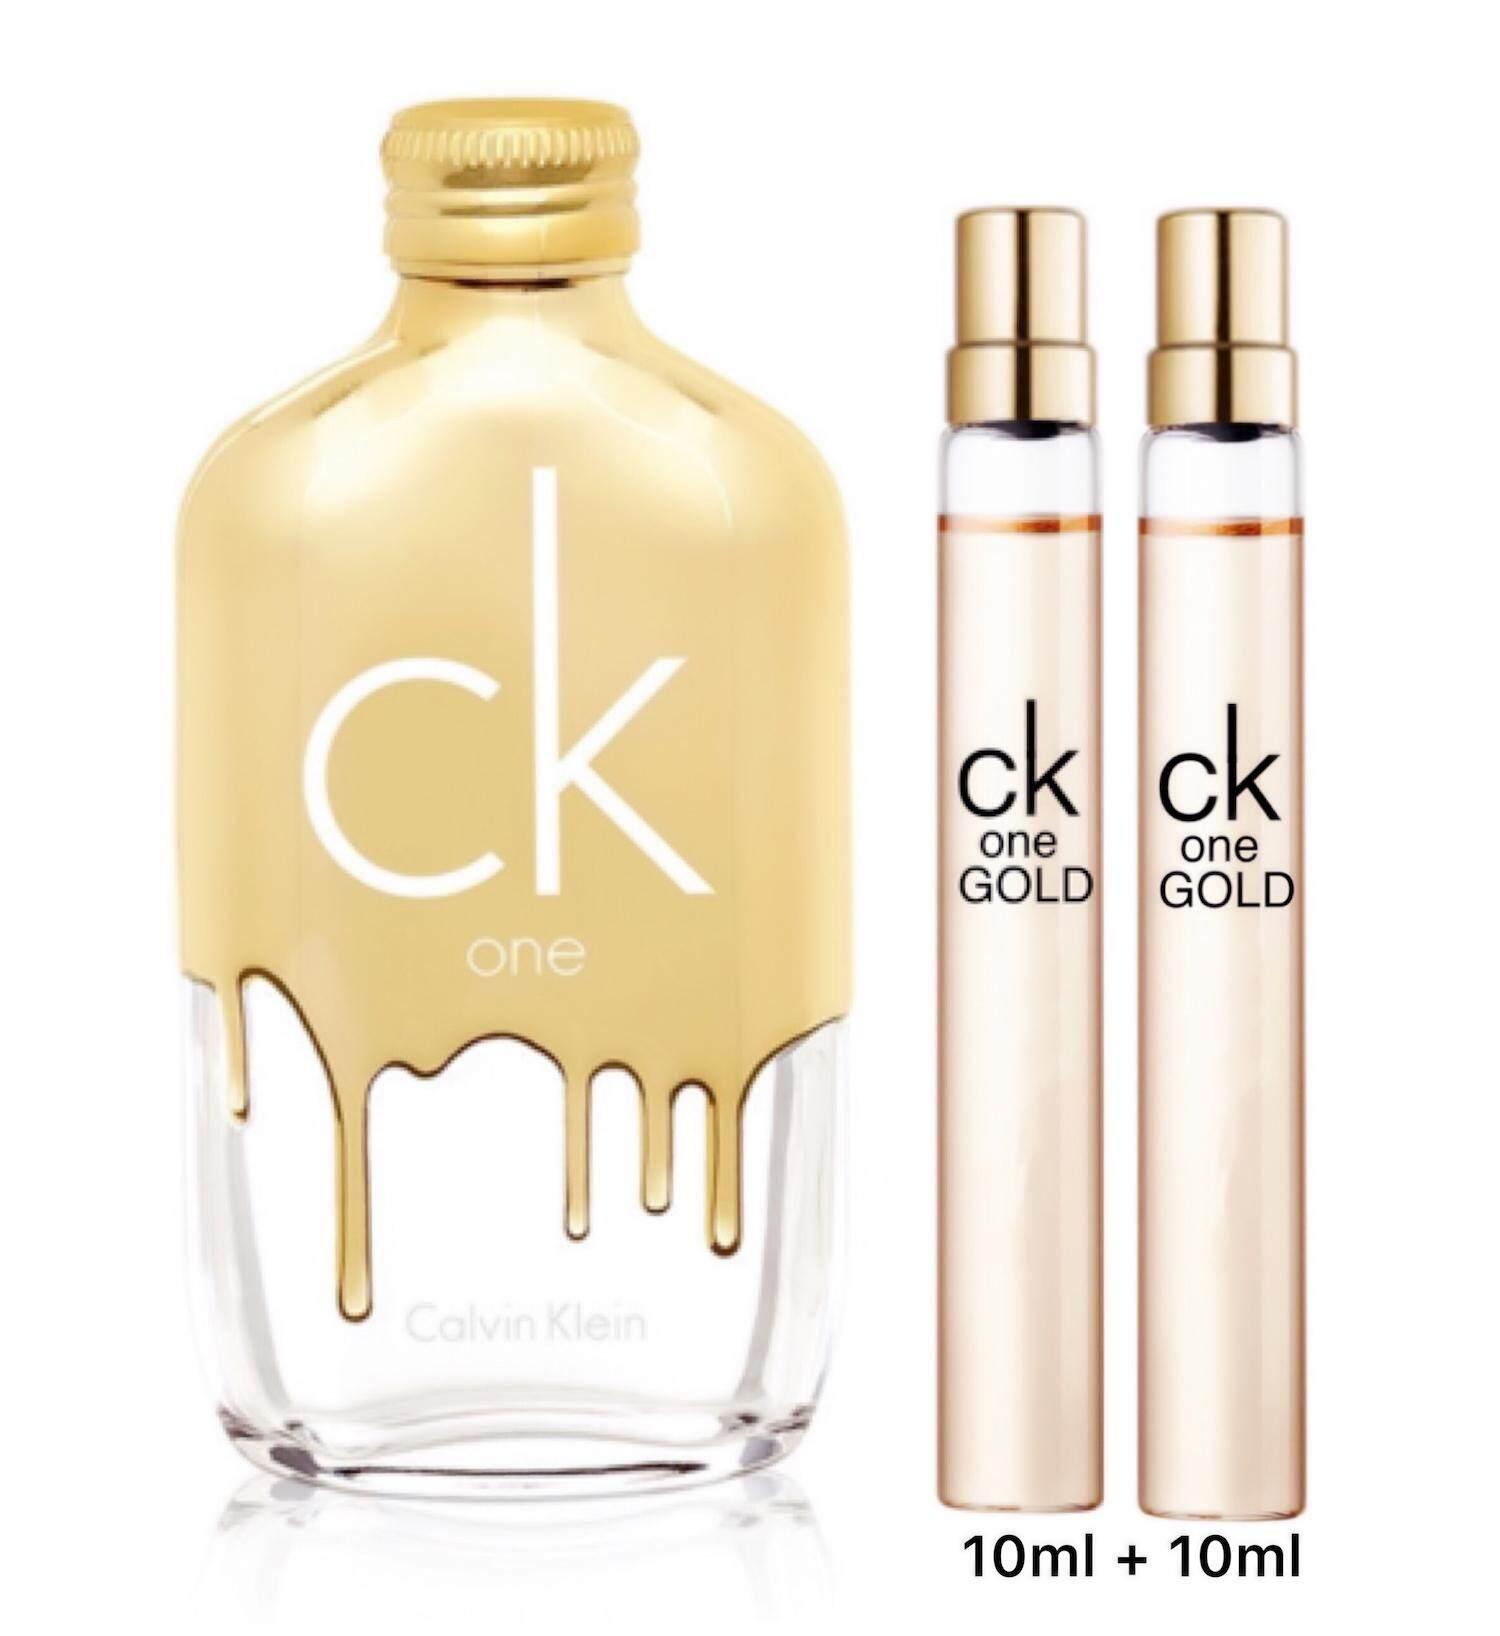 ซื้อ1แถม1ถูกสุดในเว็บ! CK ONE GOLD Tester 10ml 2ขวด